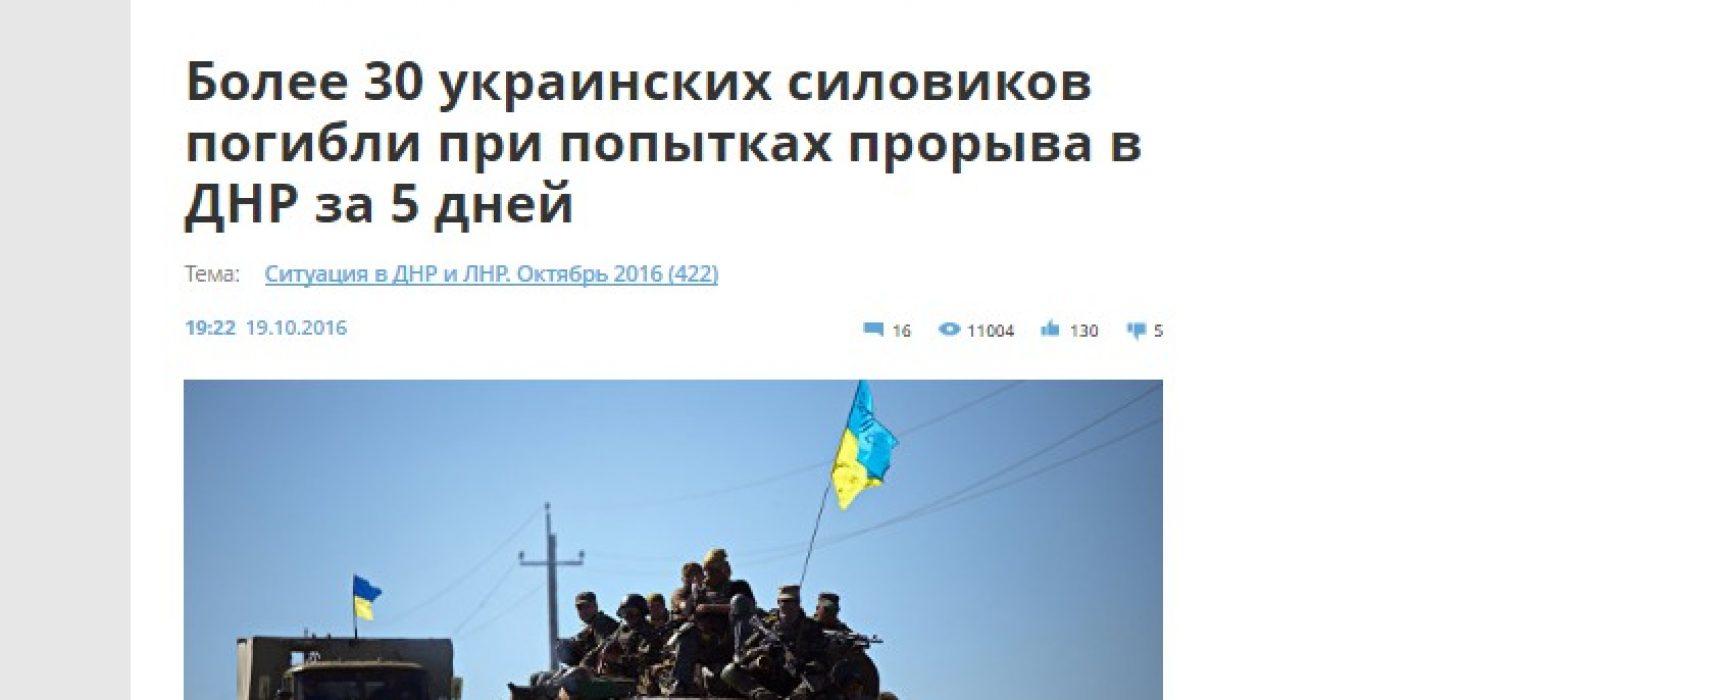 Les particularités de l'évaluation du bilan humain des morts et de blessés  ukrainiens en «DNR»